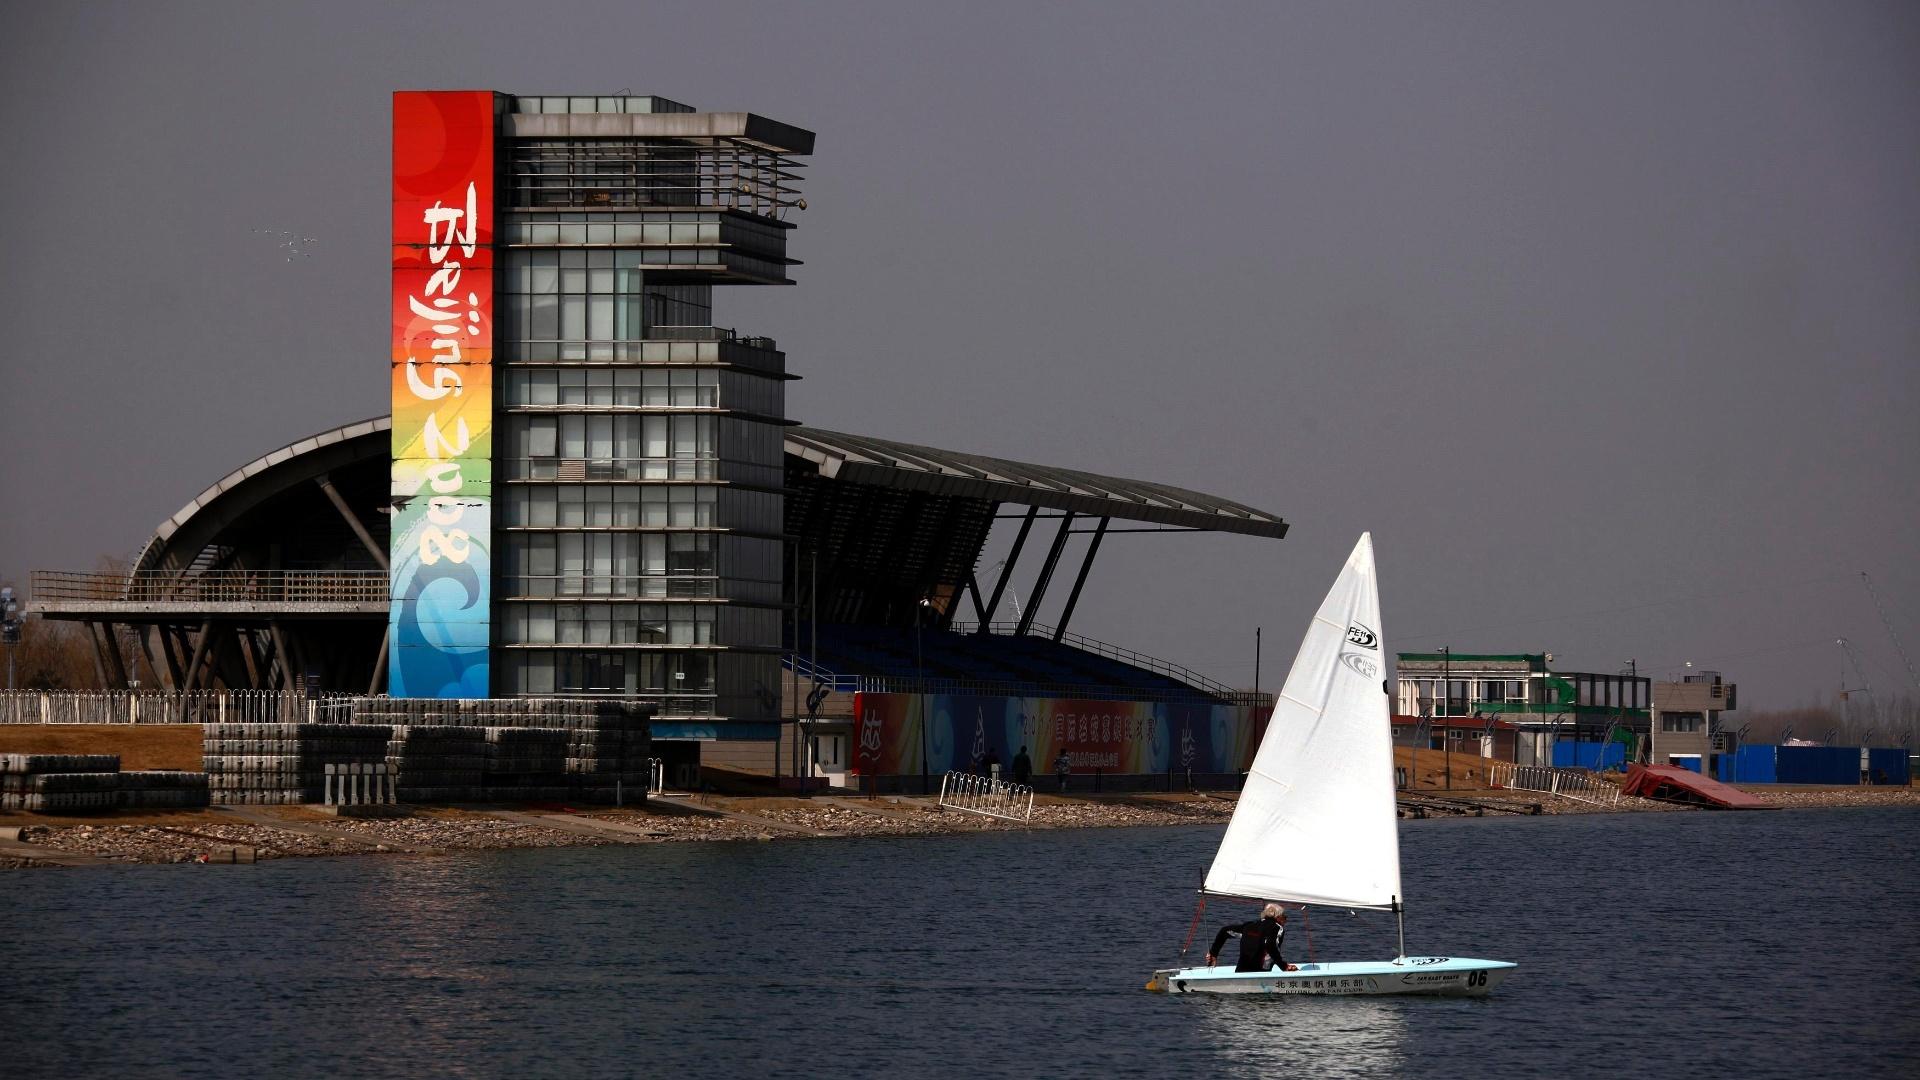 Marina que abrigou as provas de remo e canoagem dos Jogos de Pequim hoje fica abandonada e recebe poucos barcos